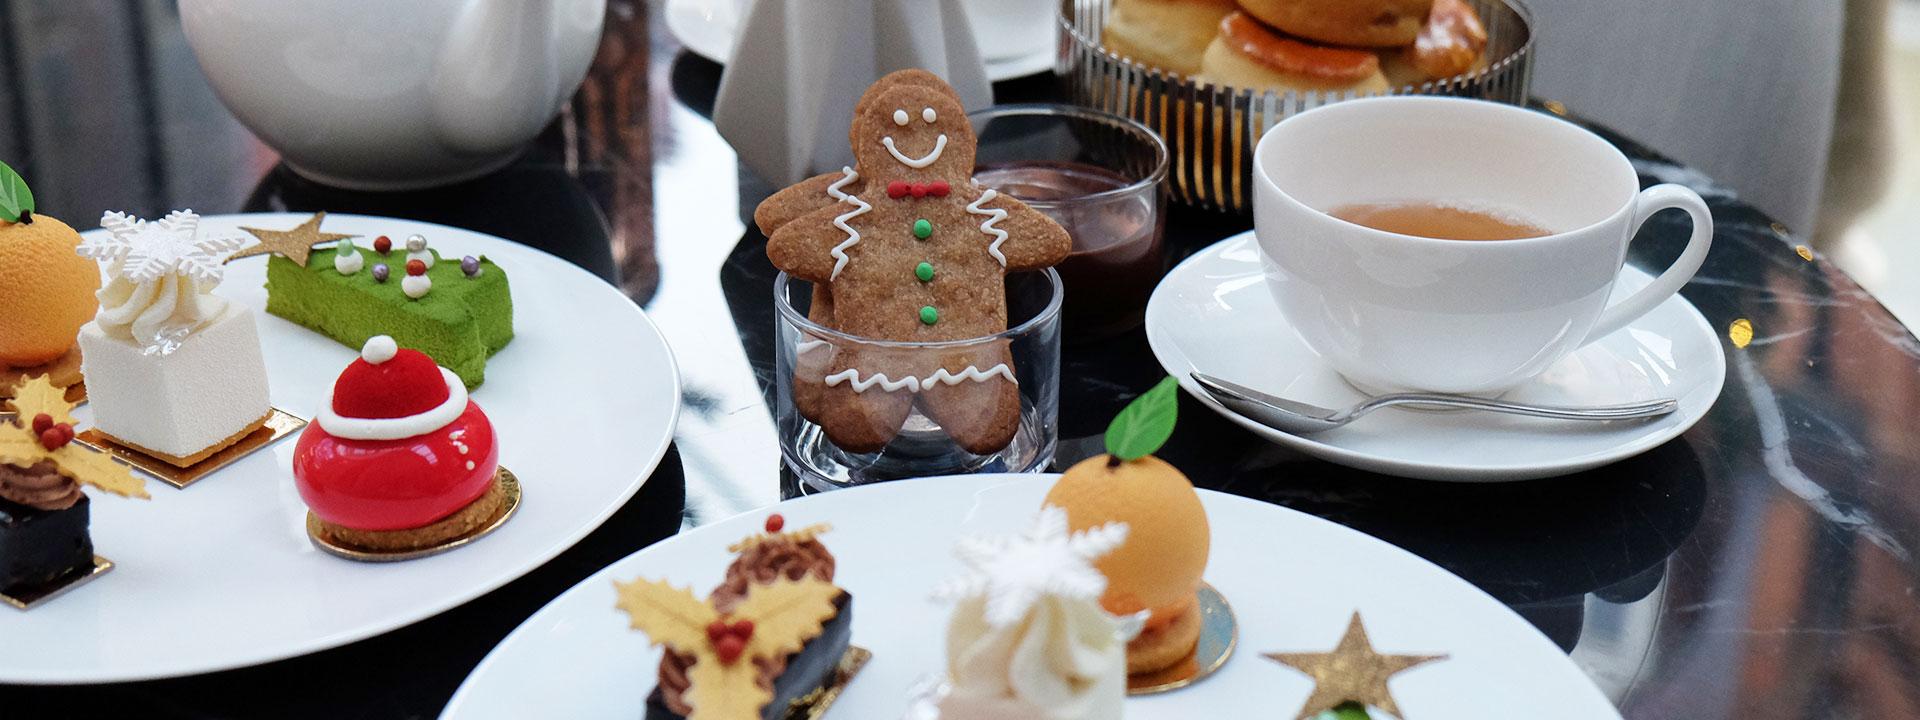 Afternoon tea hero - festive